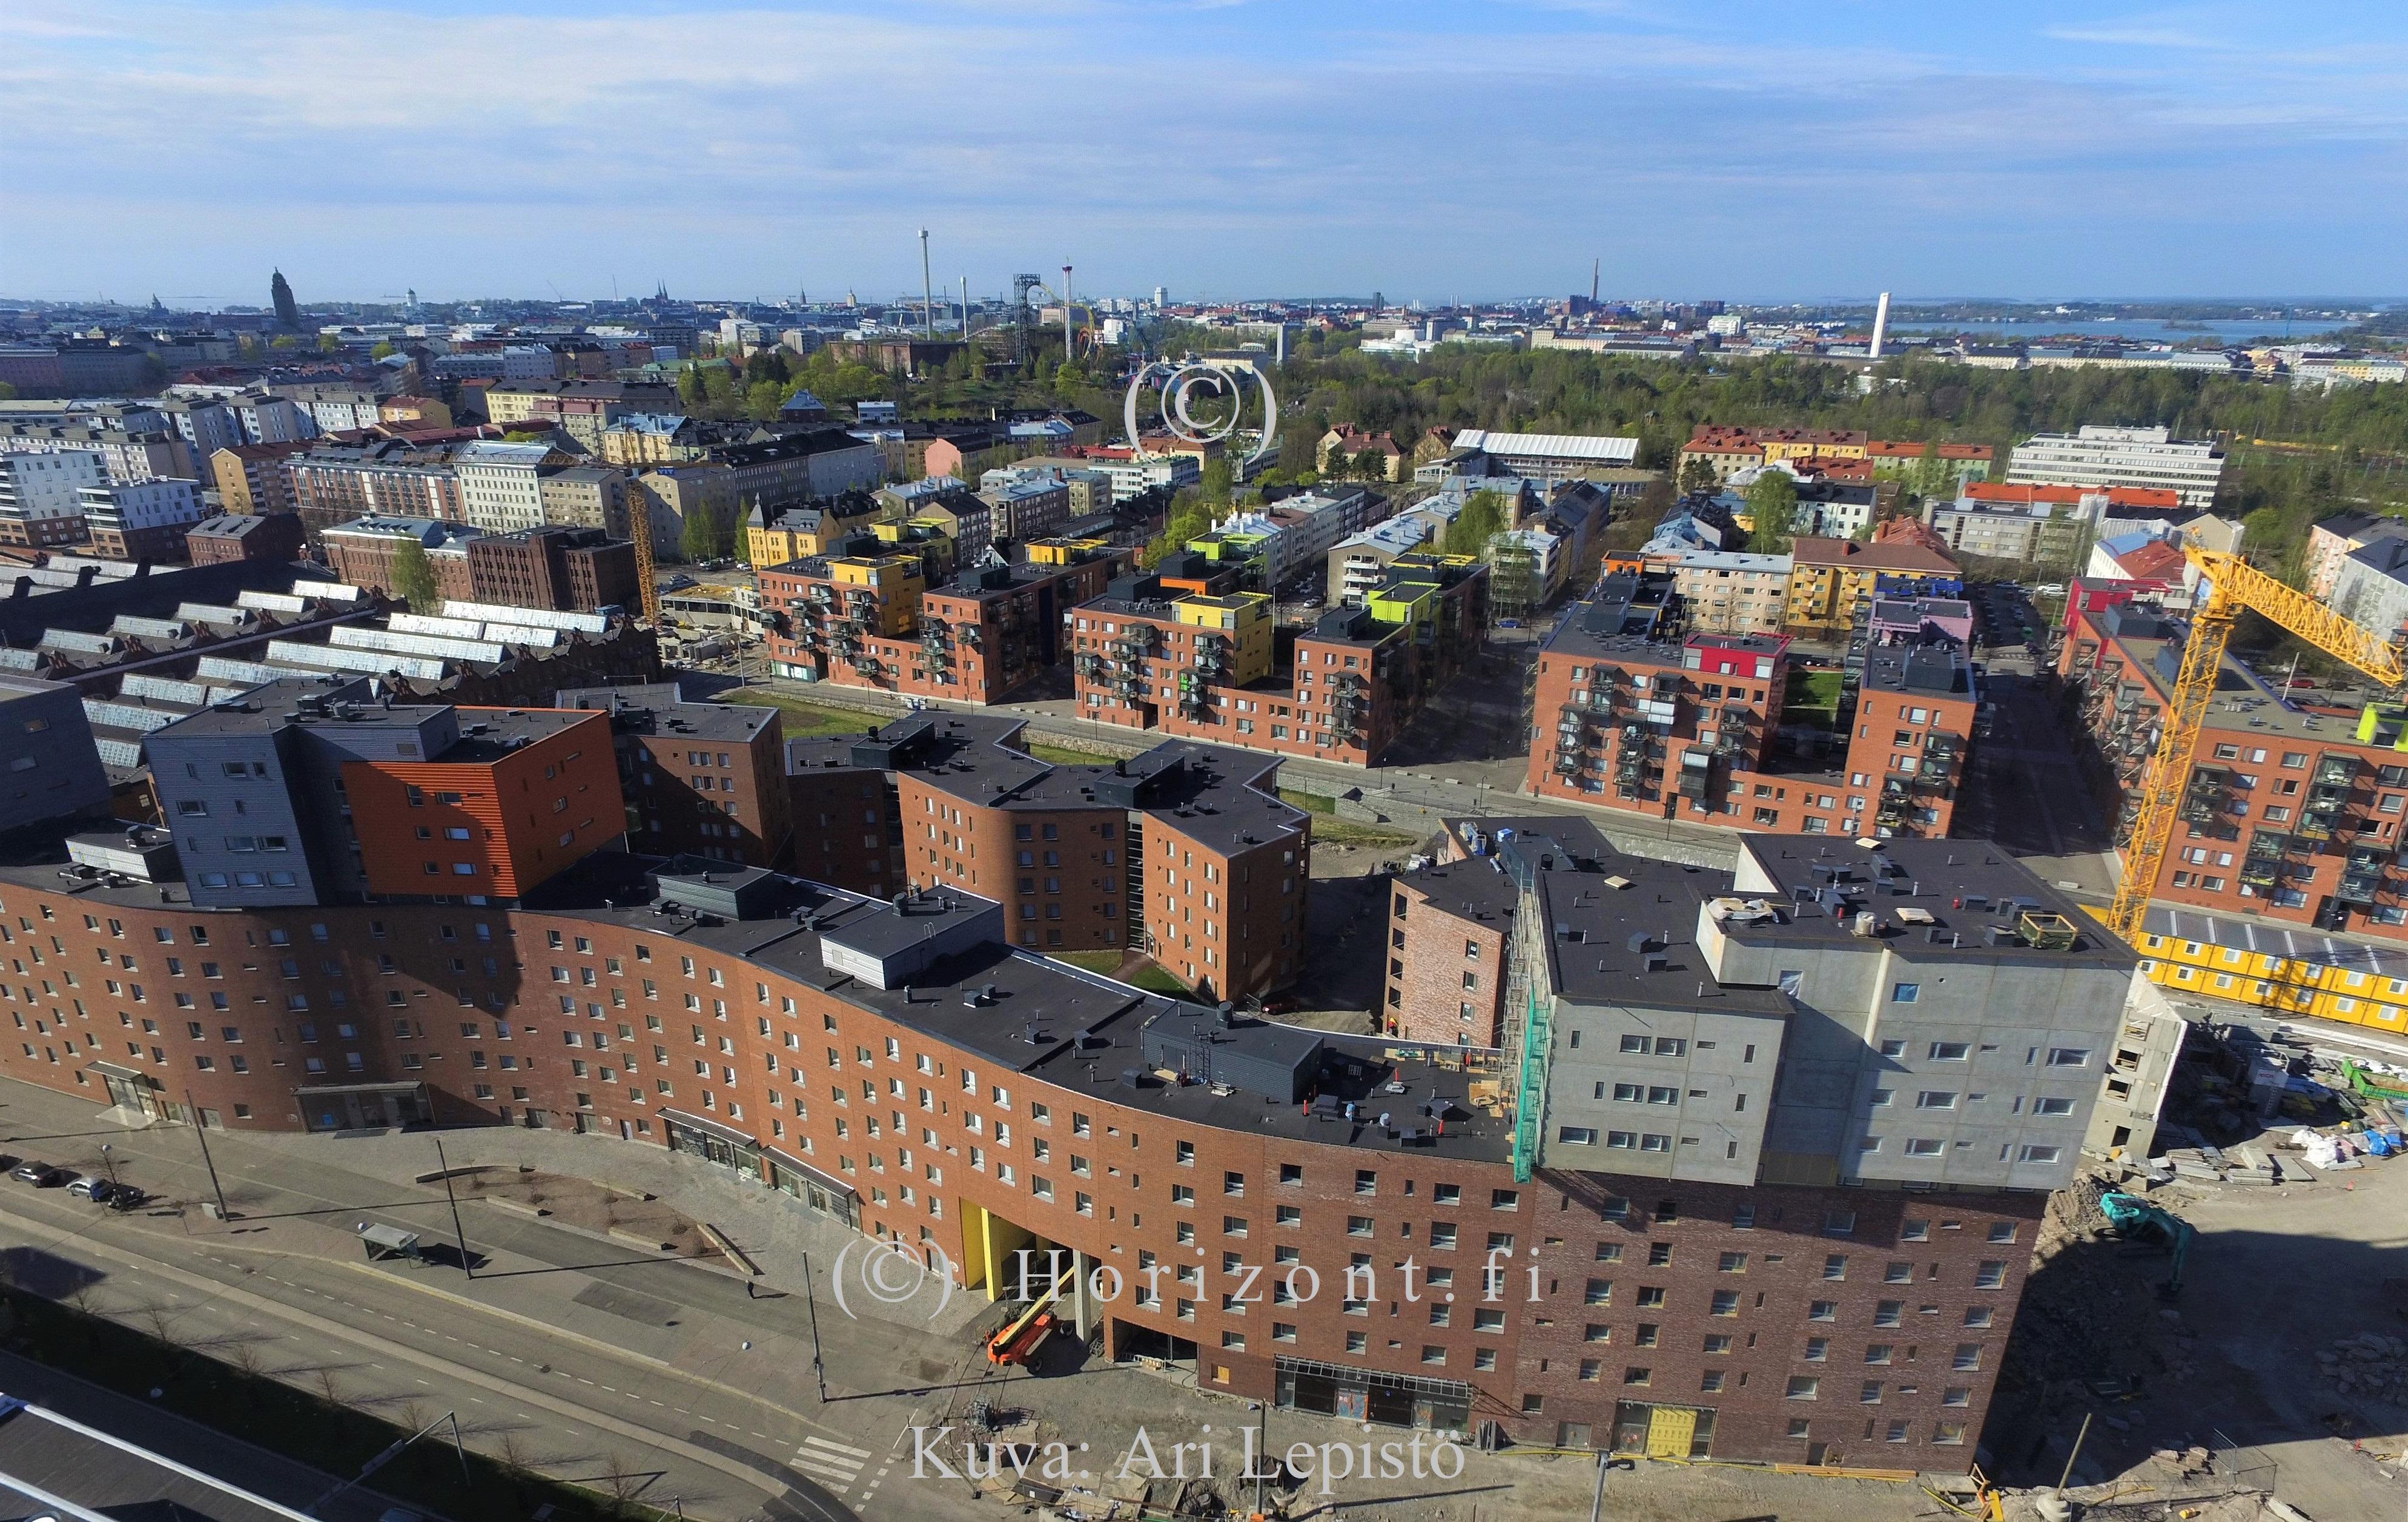 Ilmakuva: KONEPAJAN ALUE, Helsinki | Yhteishintaan kuvat nro 1-3 | HORIZONT – Ilmakuvaus